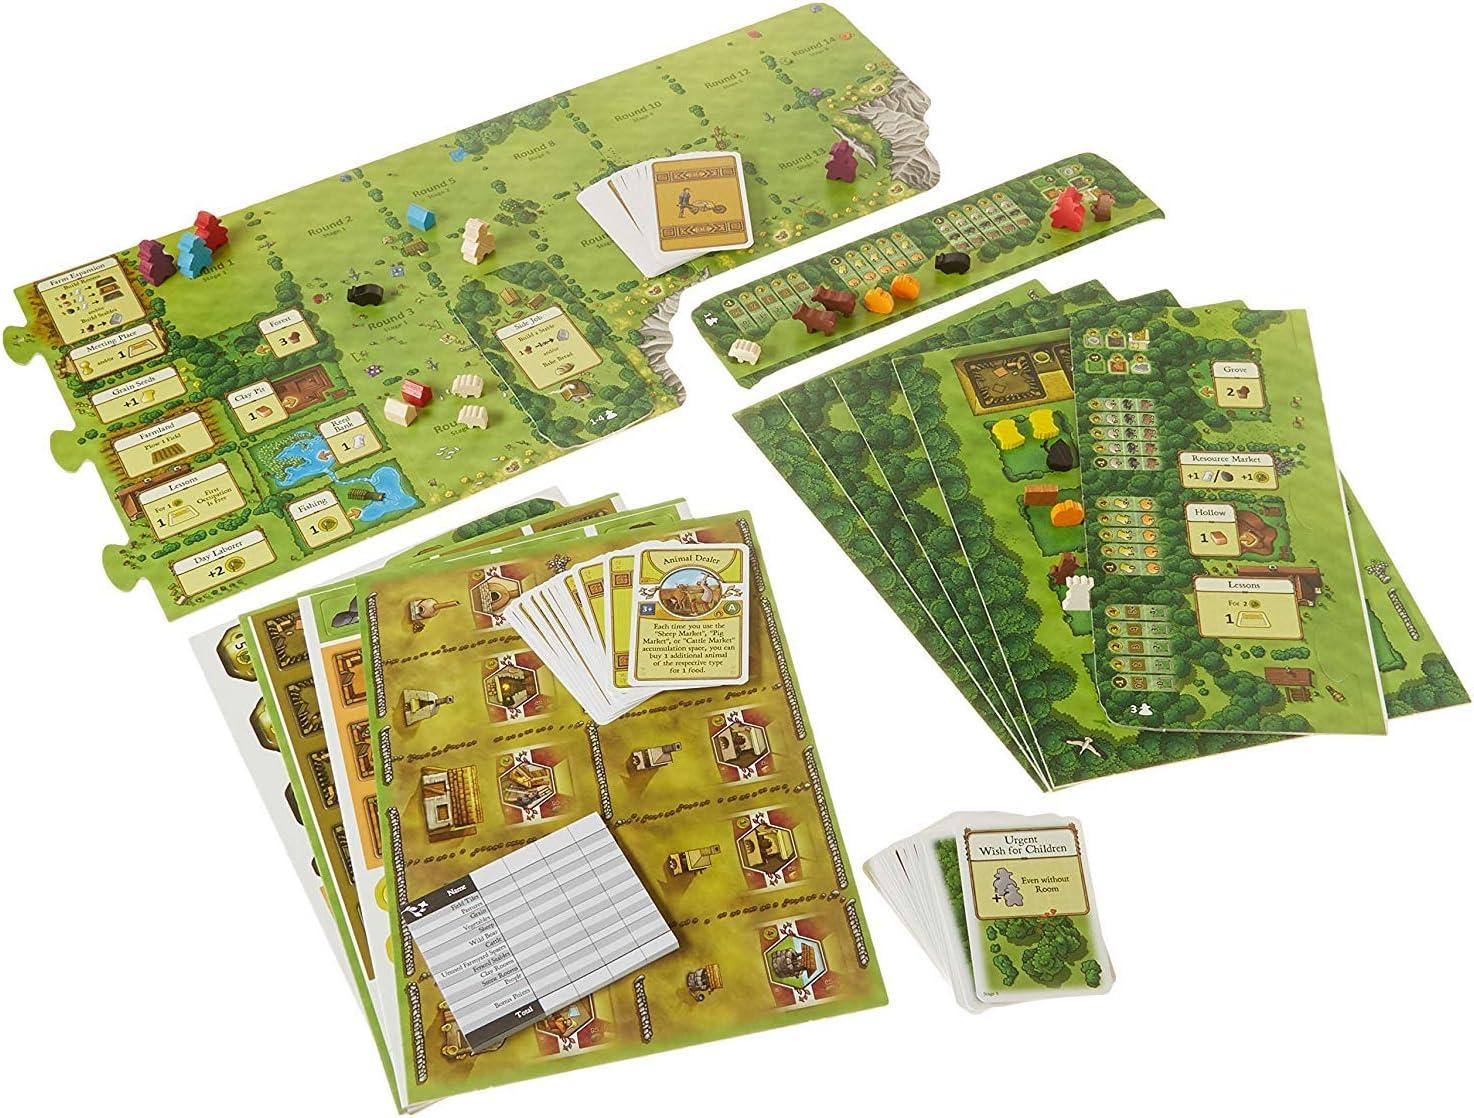 Agricola Edición revisada + Agricola Family Edition. Juego Bundle!: Amazon.es: Juguetes y juegos